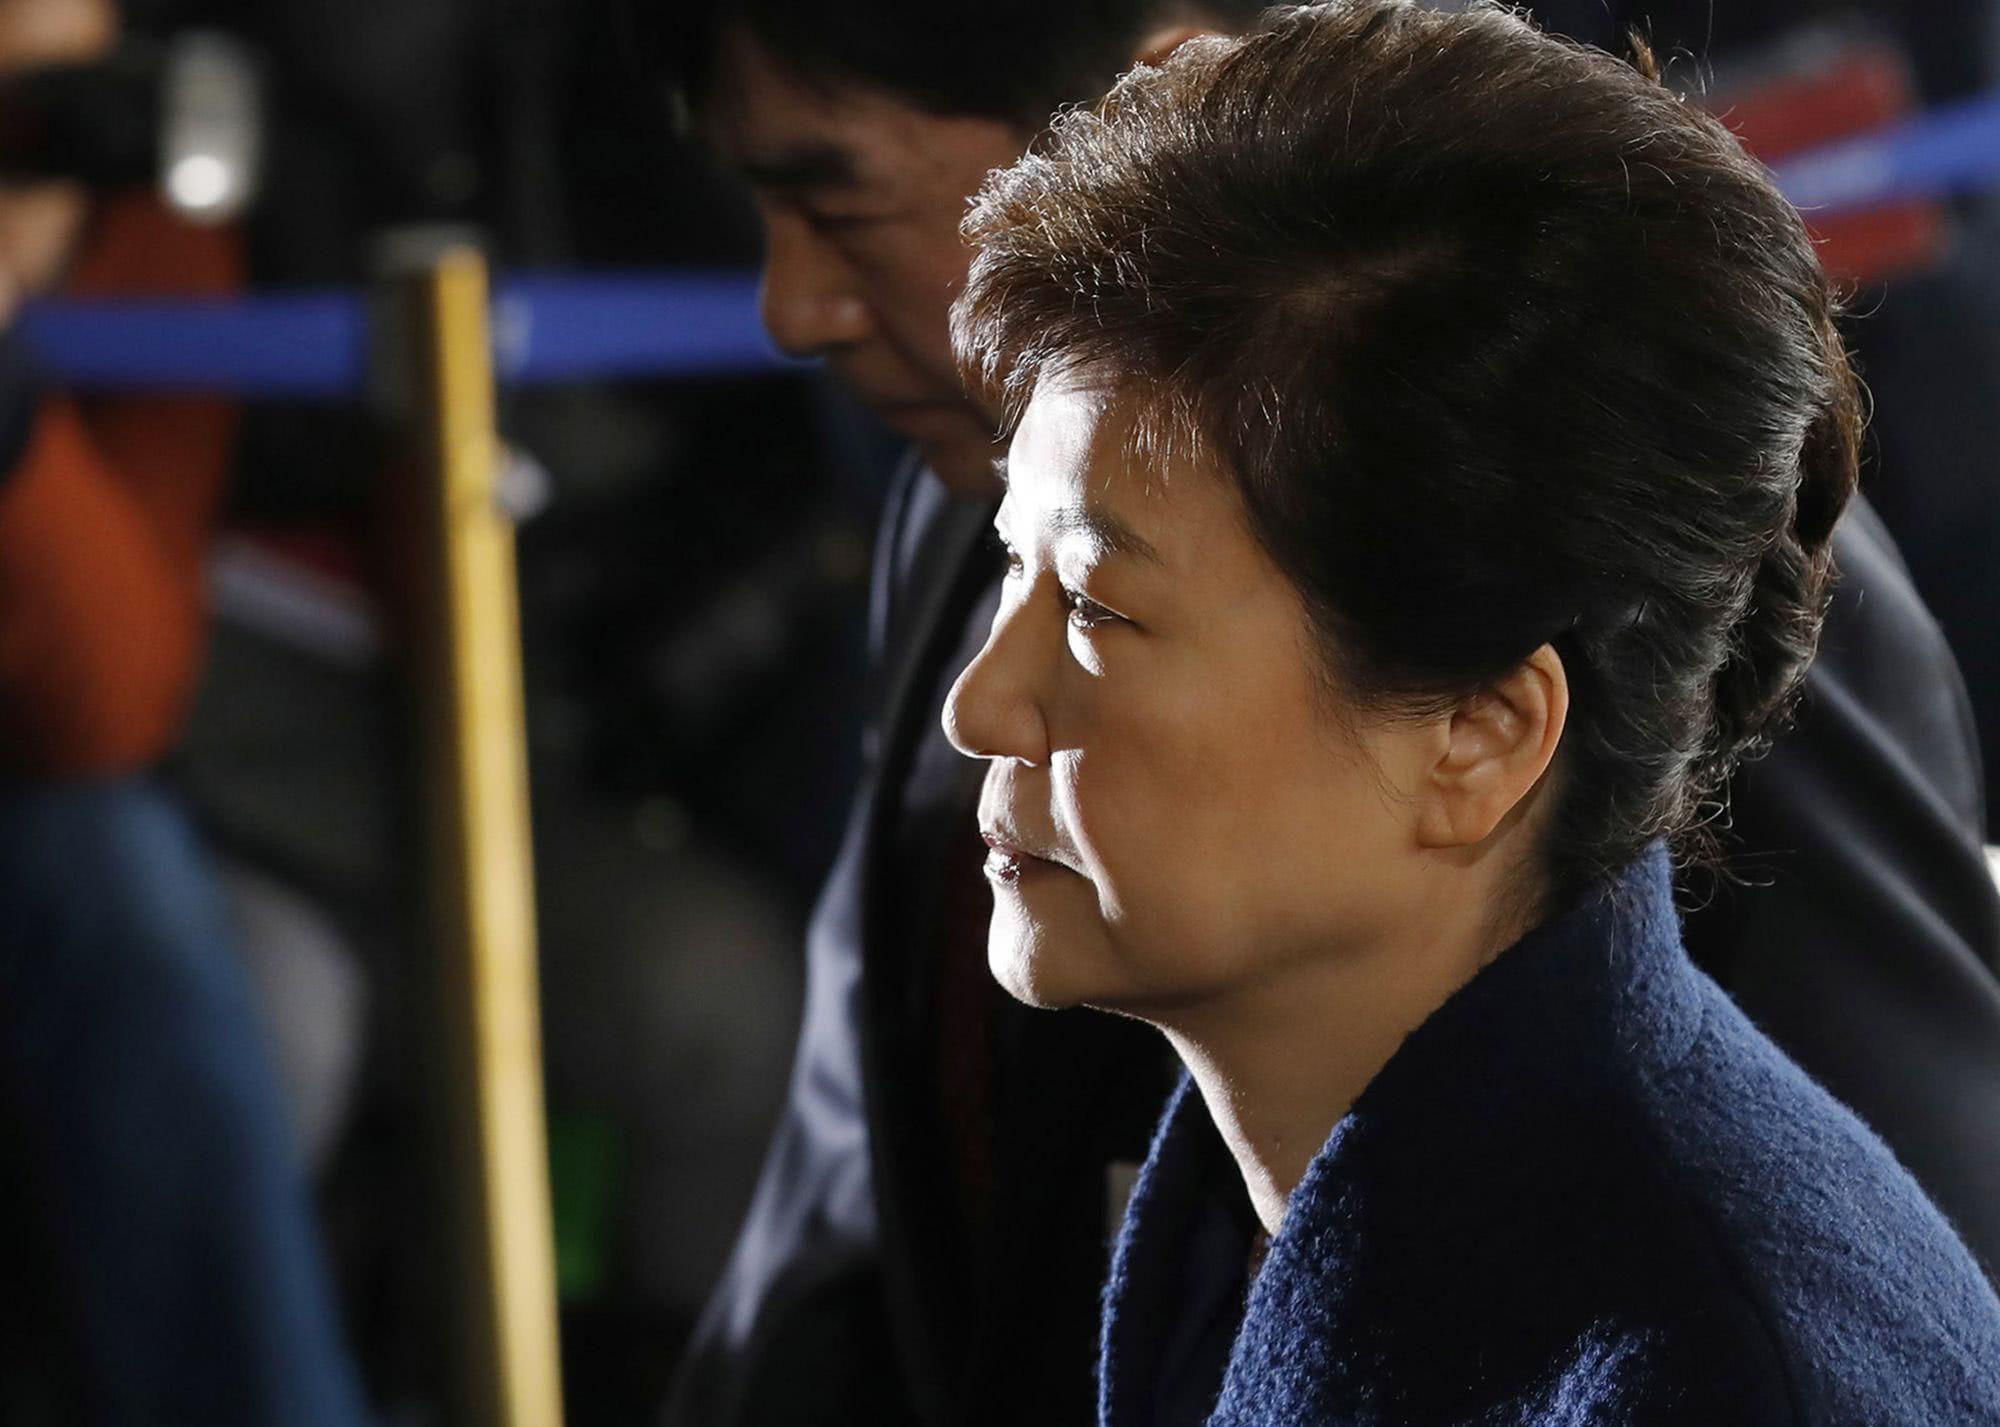 朴槿惠二审开始,朴方坚持无罪检方却认为一审判太轻